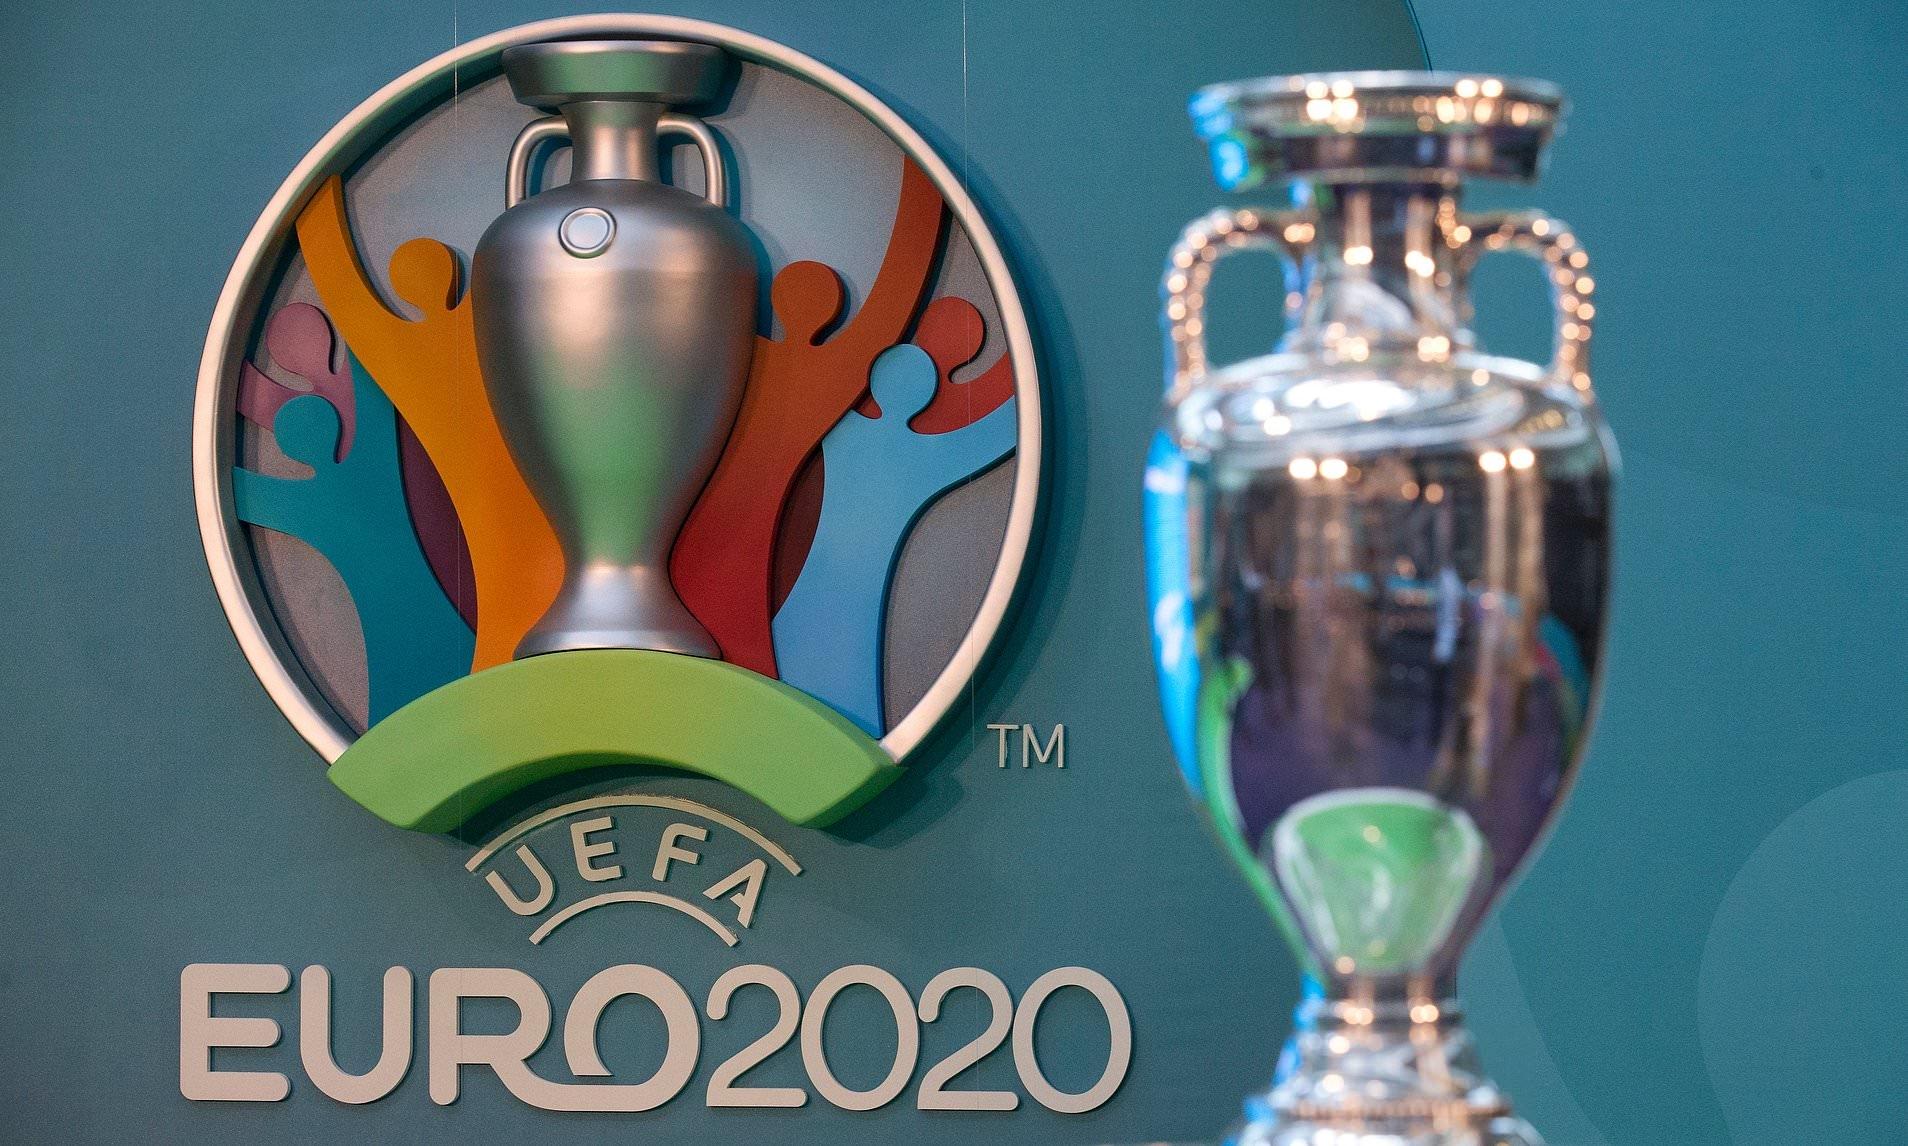 تعرف على مباريات ثمن نهائي كأس أمم أوروبا يورو2020 وموعد المباريات